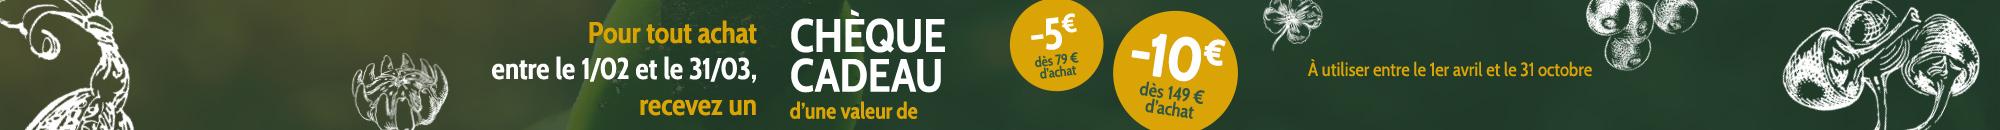 Recevez jusqu'à 10€ pour toute commande avant le 31 mars !